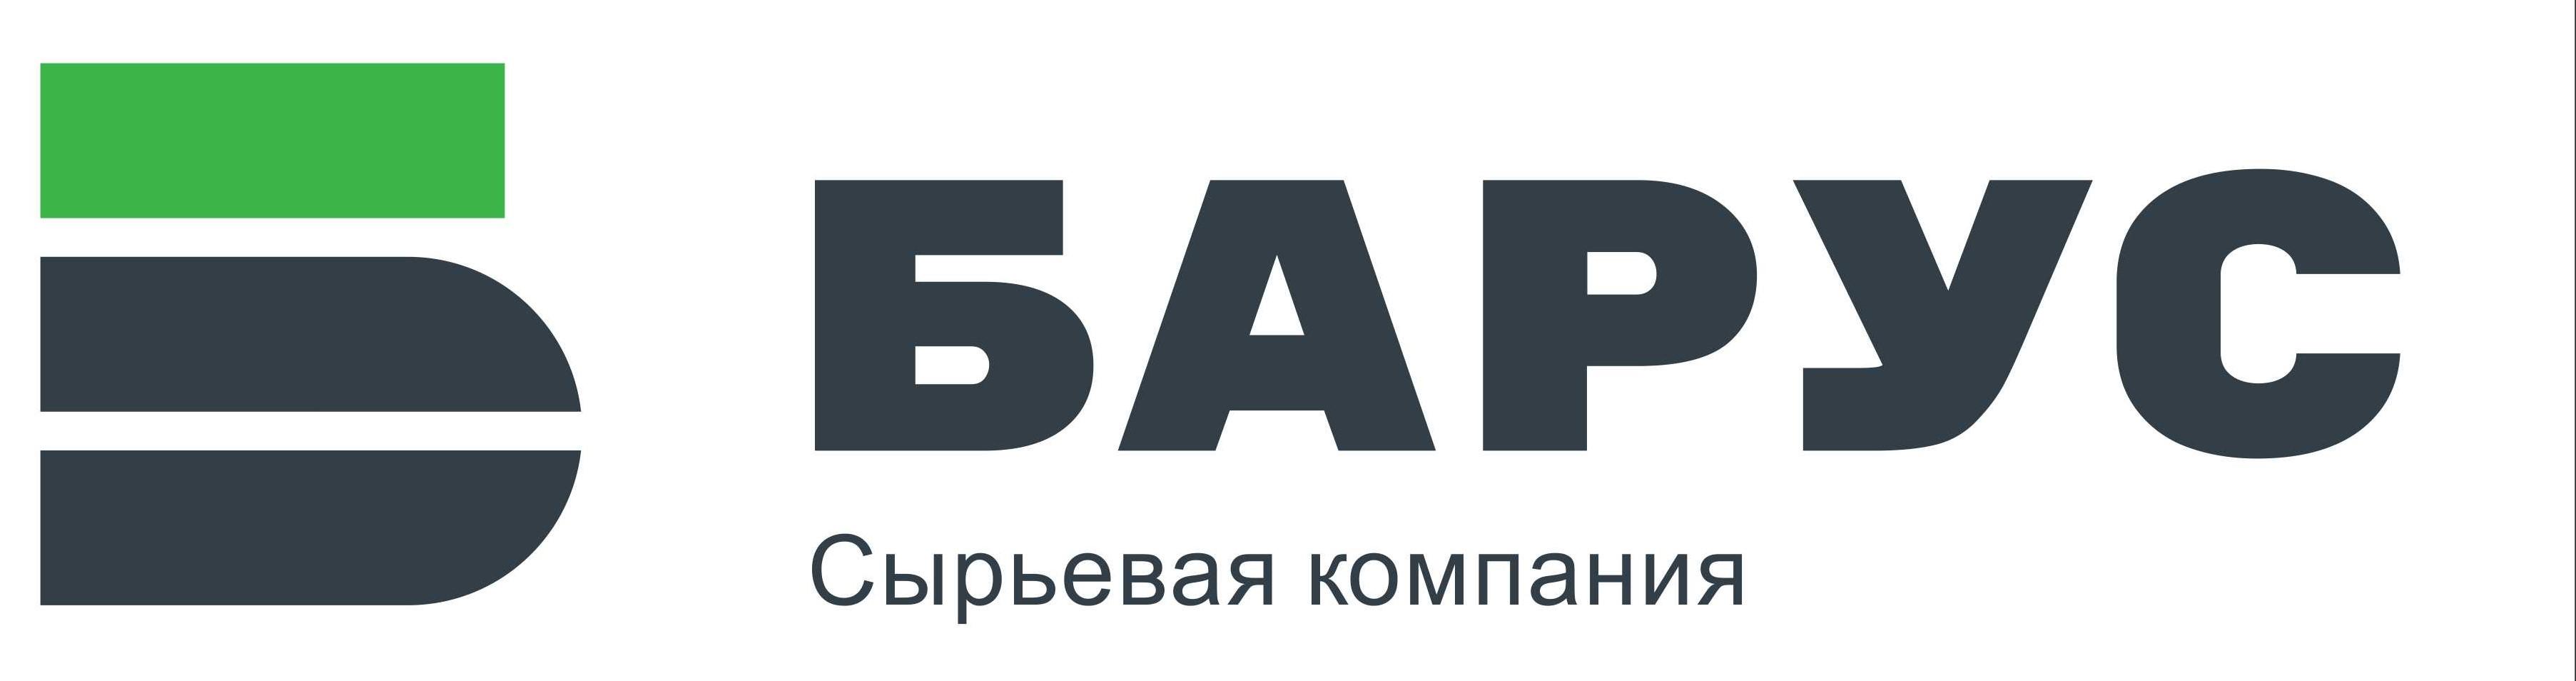 Донская сырьевая компания официальный сайт создание интернет сайта учебник